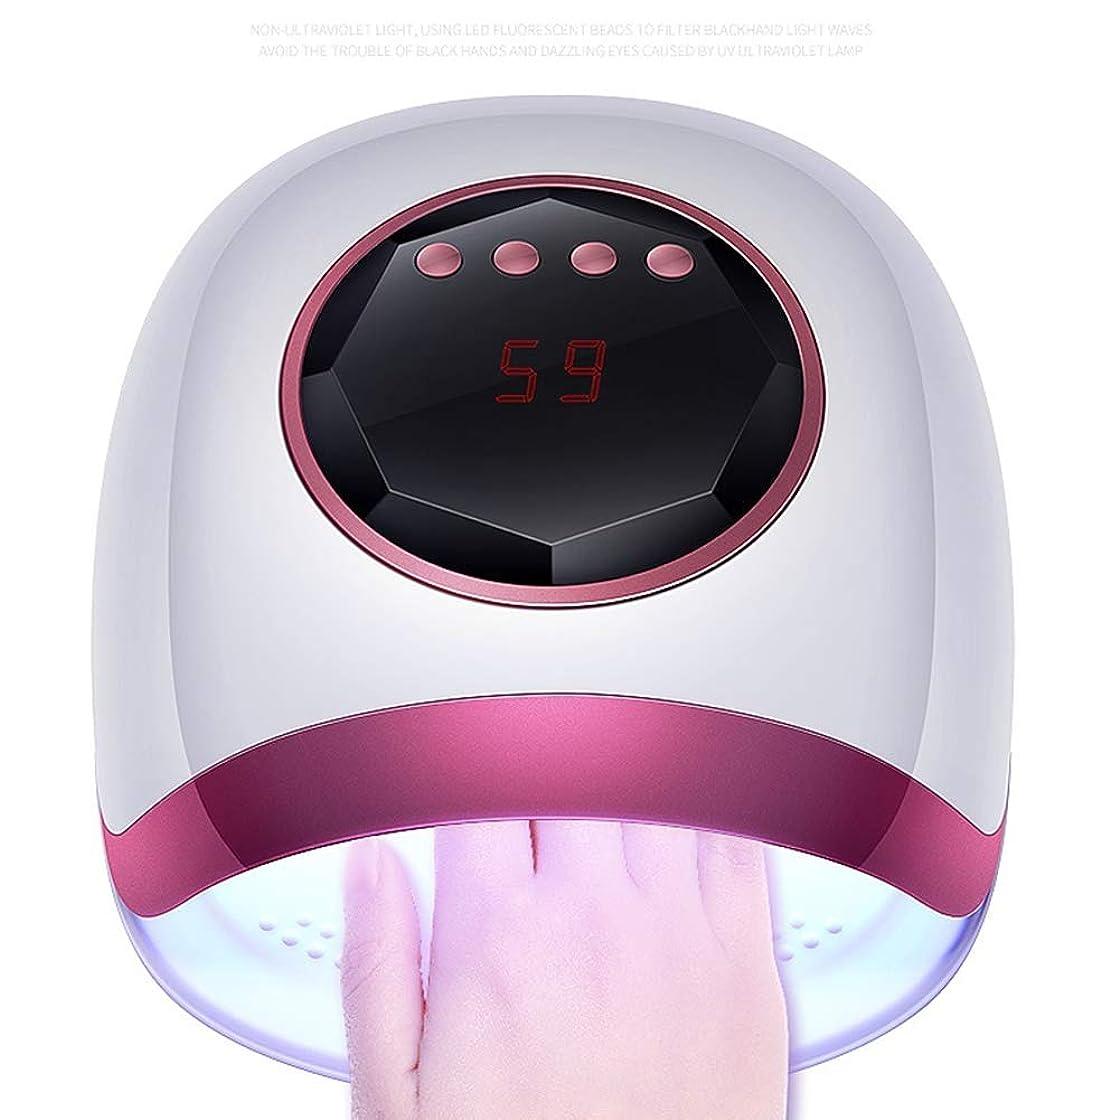 リルうぬぼれ成功するセンサーが付いているゲルの72W の治癒ランプのための LED の紫外線釘ランプ4つのタイマーのつま先の釘の治癒、大広間および家のため (白)